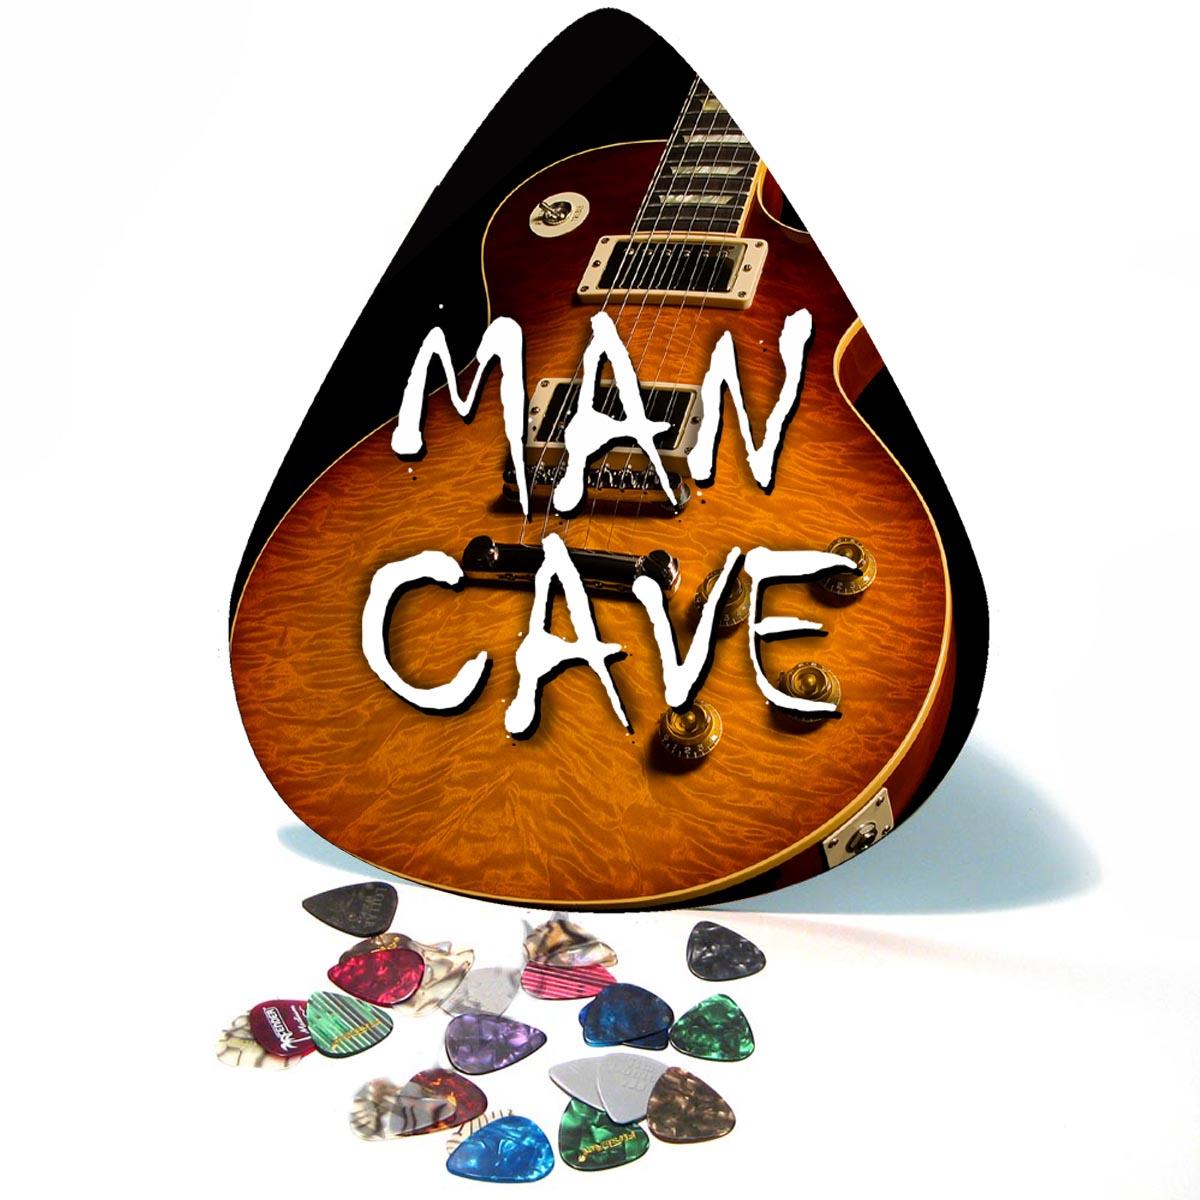 Vintage Les Paul Man Cave Giant Guitar Pick Wall Art  - 1099